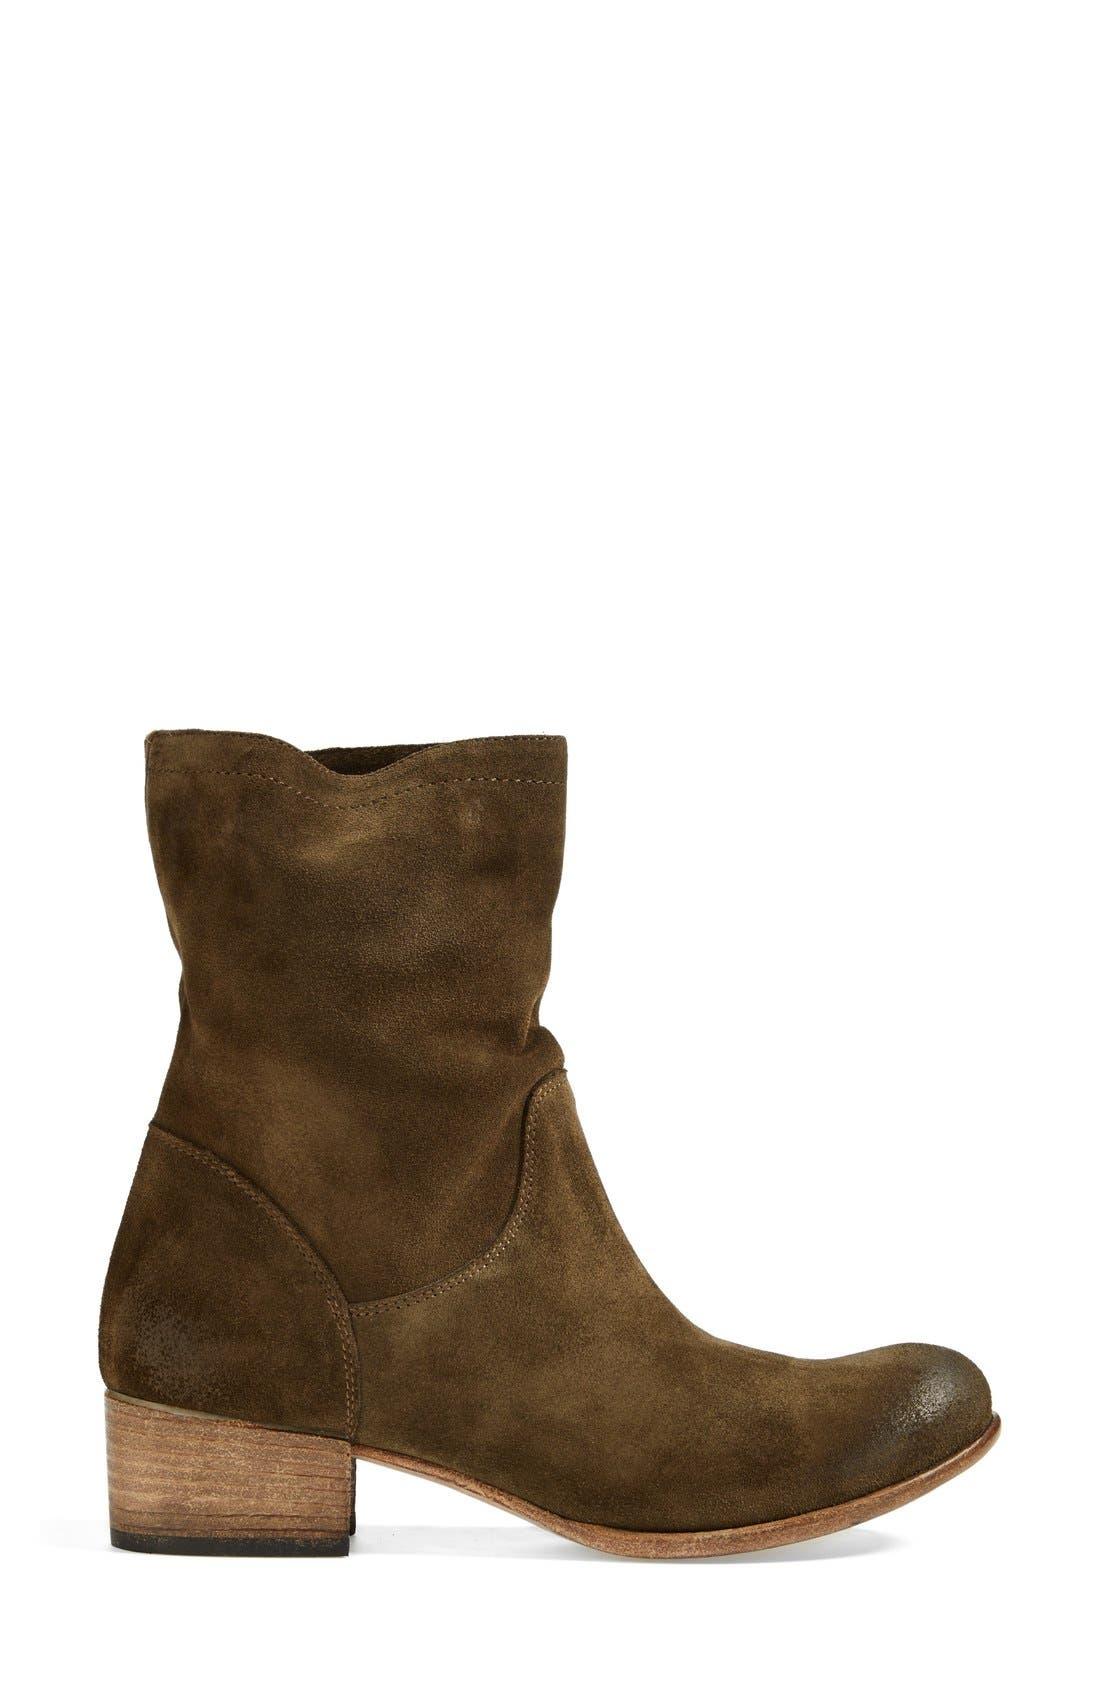 ALBERTO FERMANI,                             'Bergamo' Suede Boot,                             Alternate thumbnail 2, color,                             305